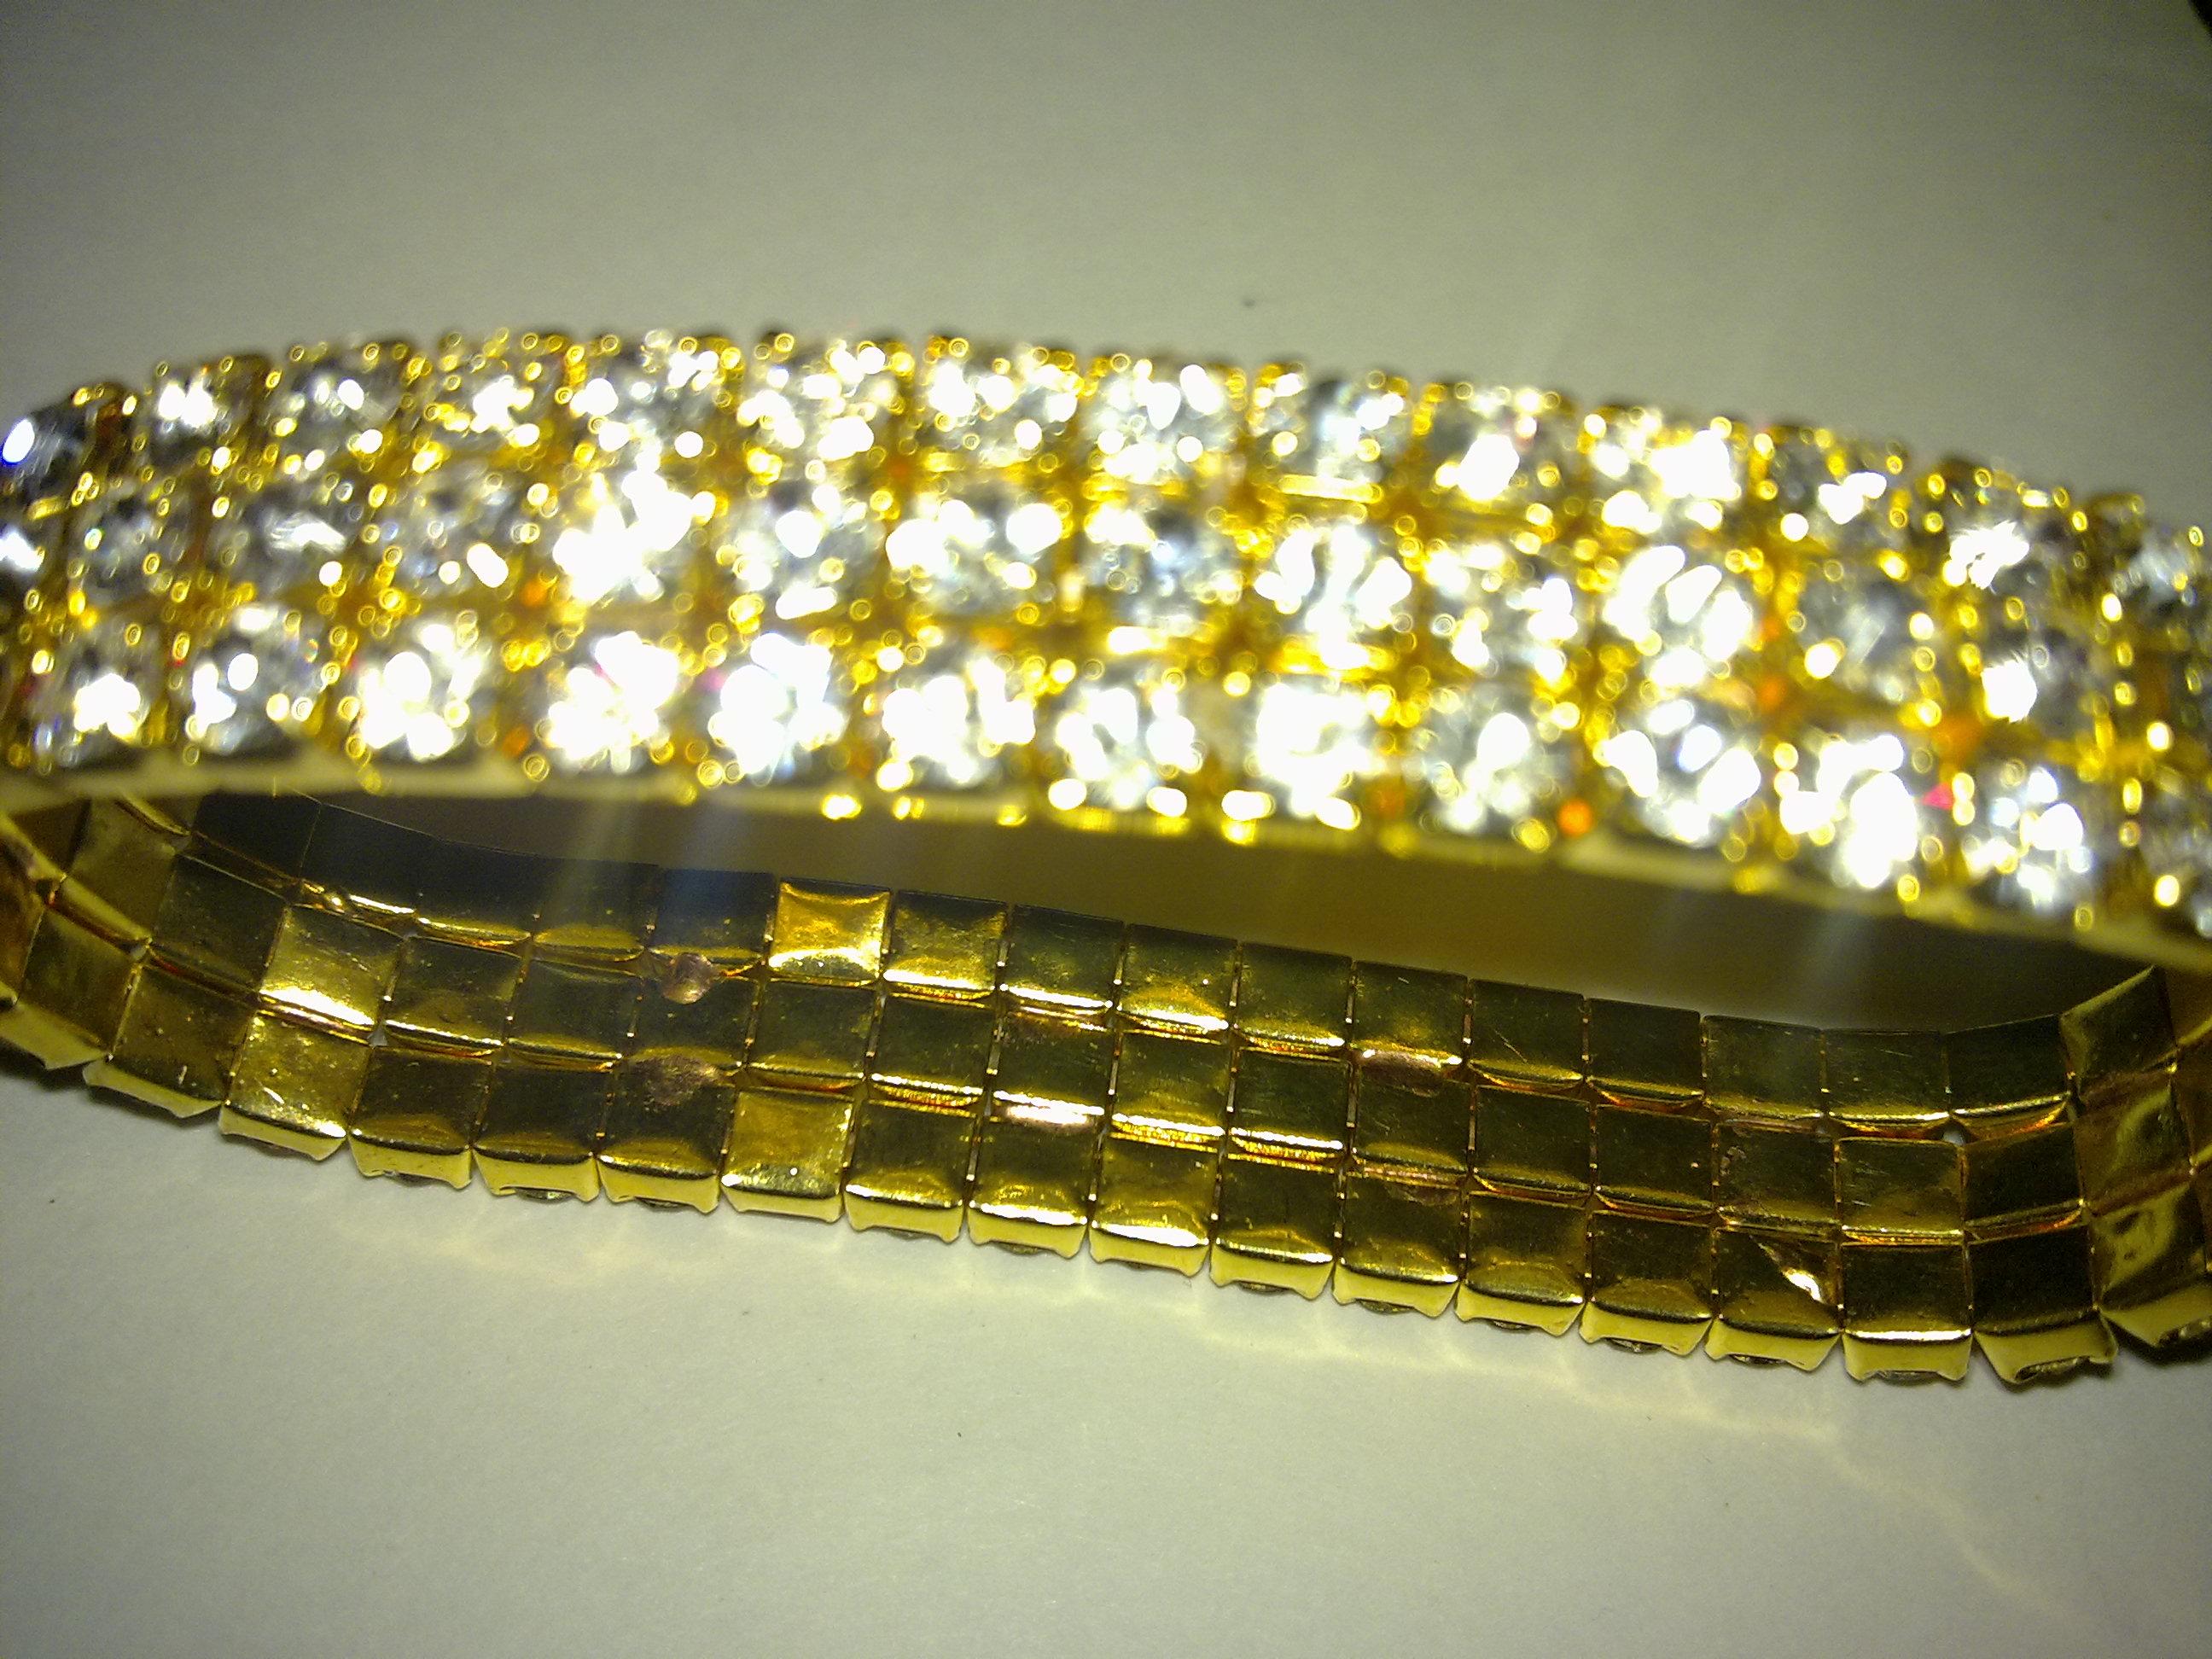 Golden shining bracelet